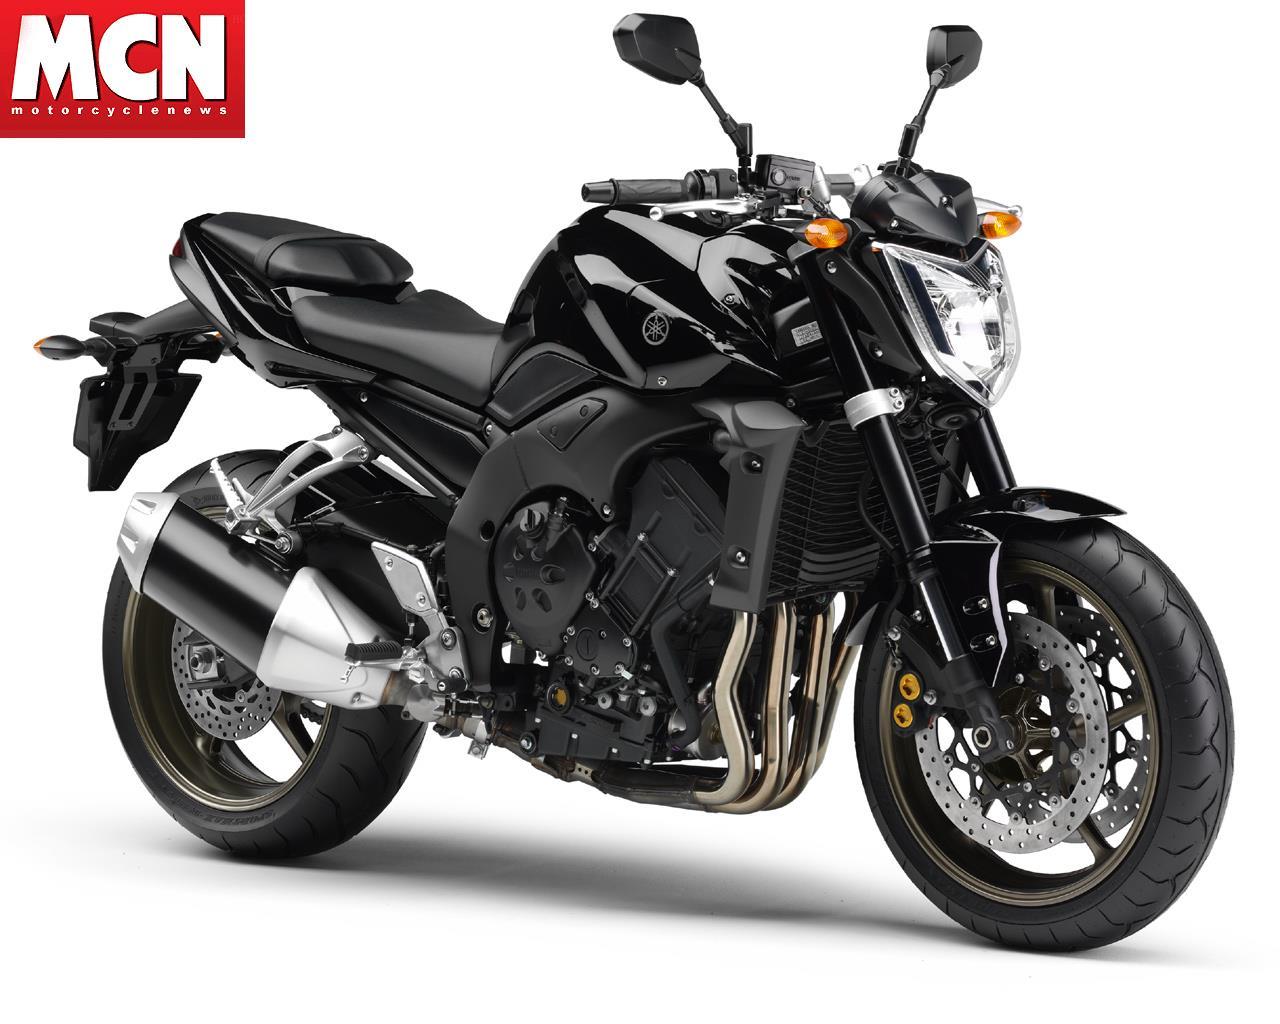 2008 yamaha motorcycle range revealed here mcn for Motor sport yamaha